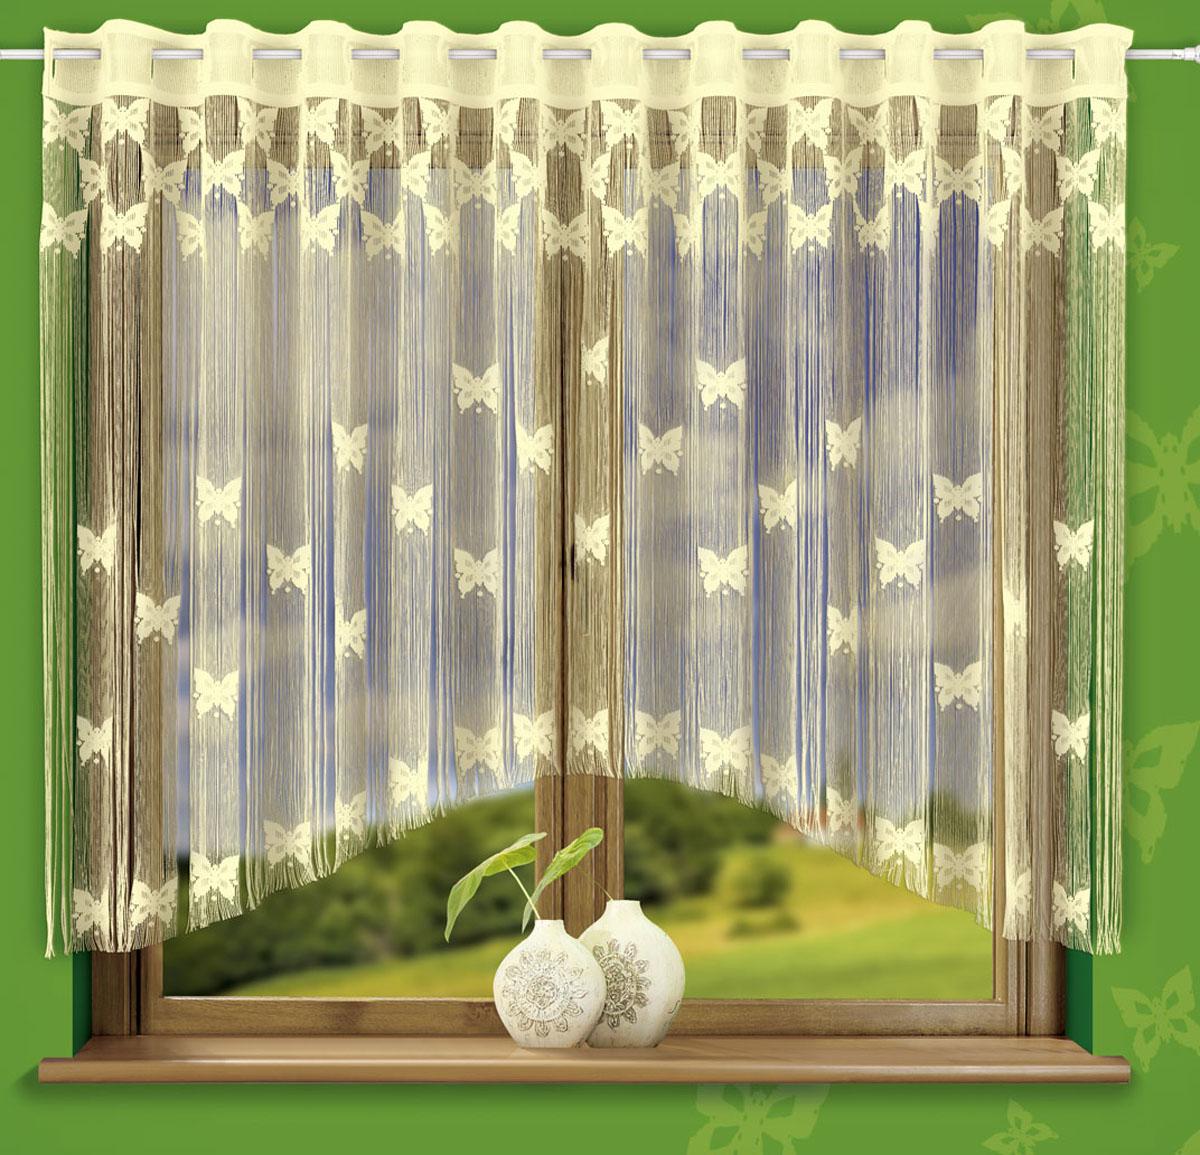 Гардина-лапша Wisan Motylki, на петлях, цвет: кремовый, высота 160 см722549Гардина-лапша Wisan Motylki, изготовленная из высококачественного полиэстера, станет великолепным украшением любого окна. Оригинальный дизайн и нежная цветовая гамма привлекут к себе внимание и органично впишутся в интерьер комнаты. Красивое оформление изделия внесет разнообразие и подарит заряд положительного настроения. Гардина-лапша оснащена петлями для крепления на круглый карниз. Высота петли: 6,5 см.